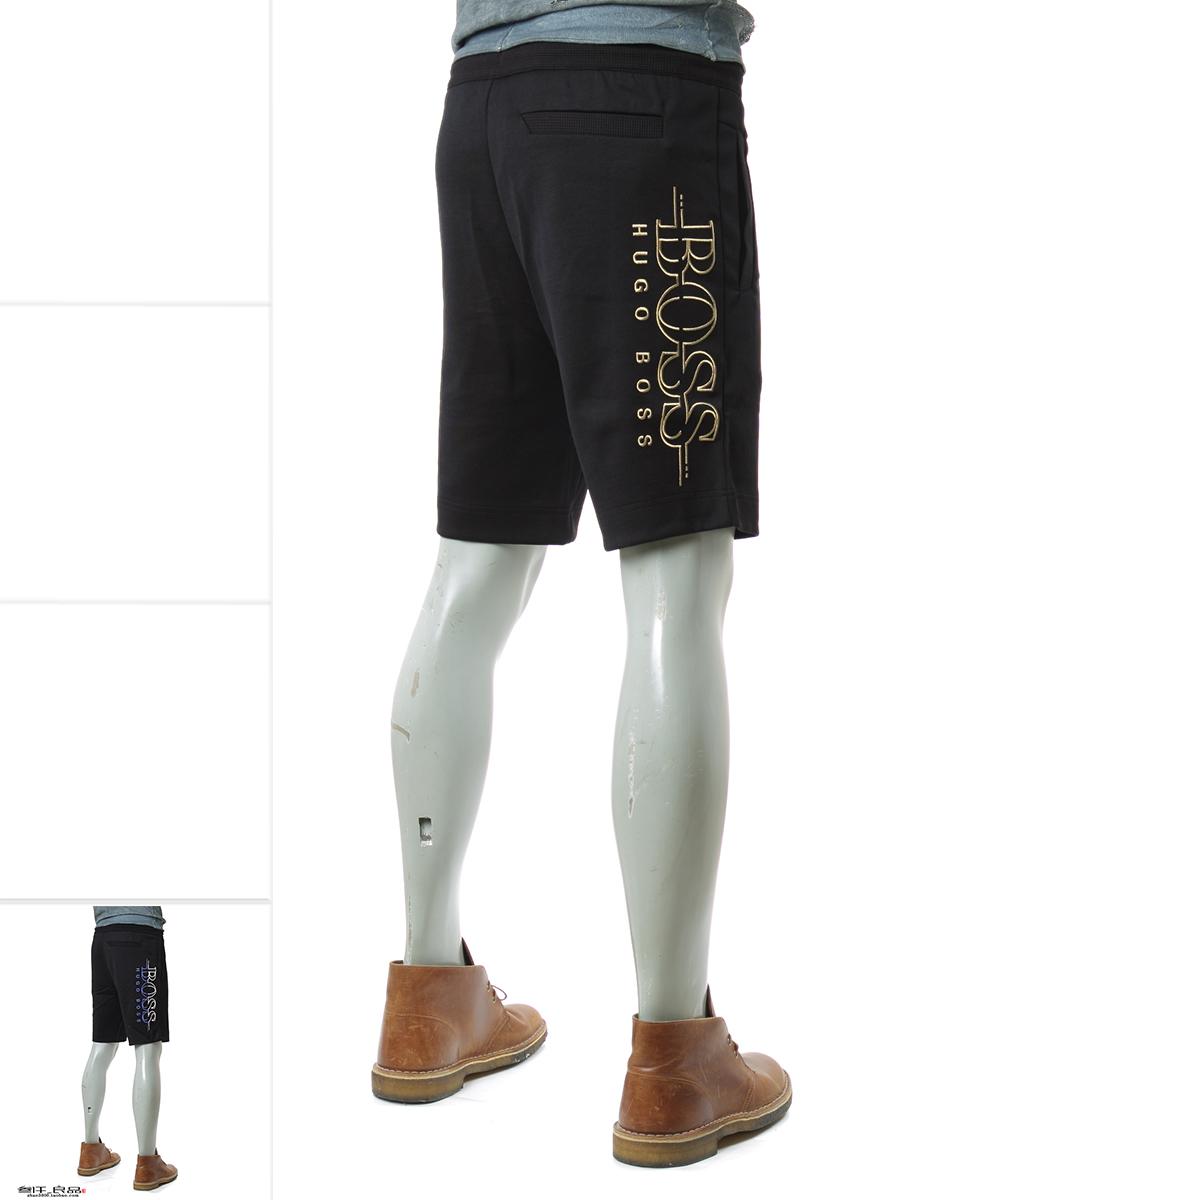 叁仟良品 Hugo Boss 绿标 男士 休闲短裤 新款 50387174 10134333